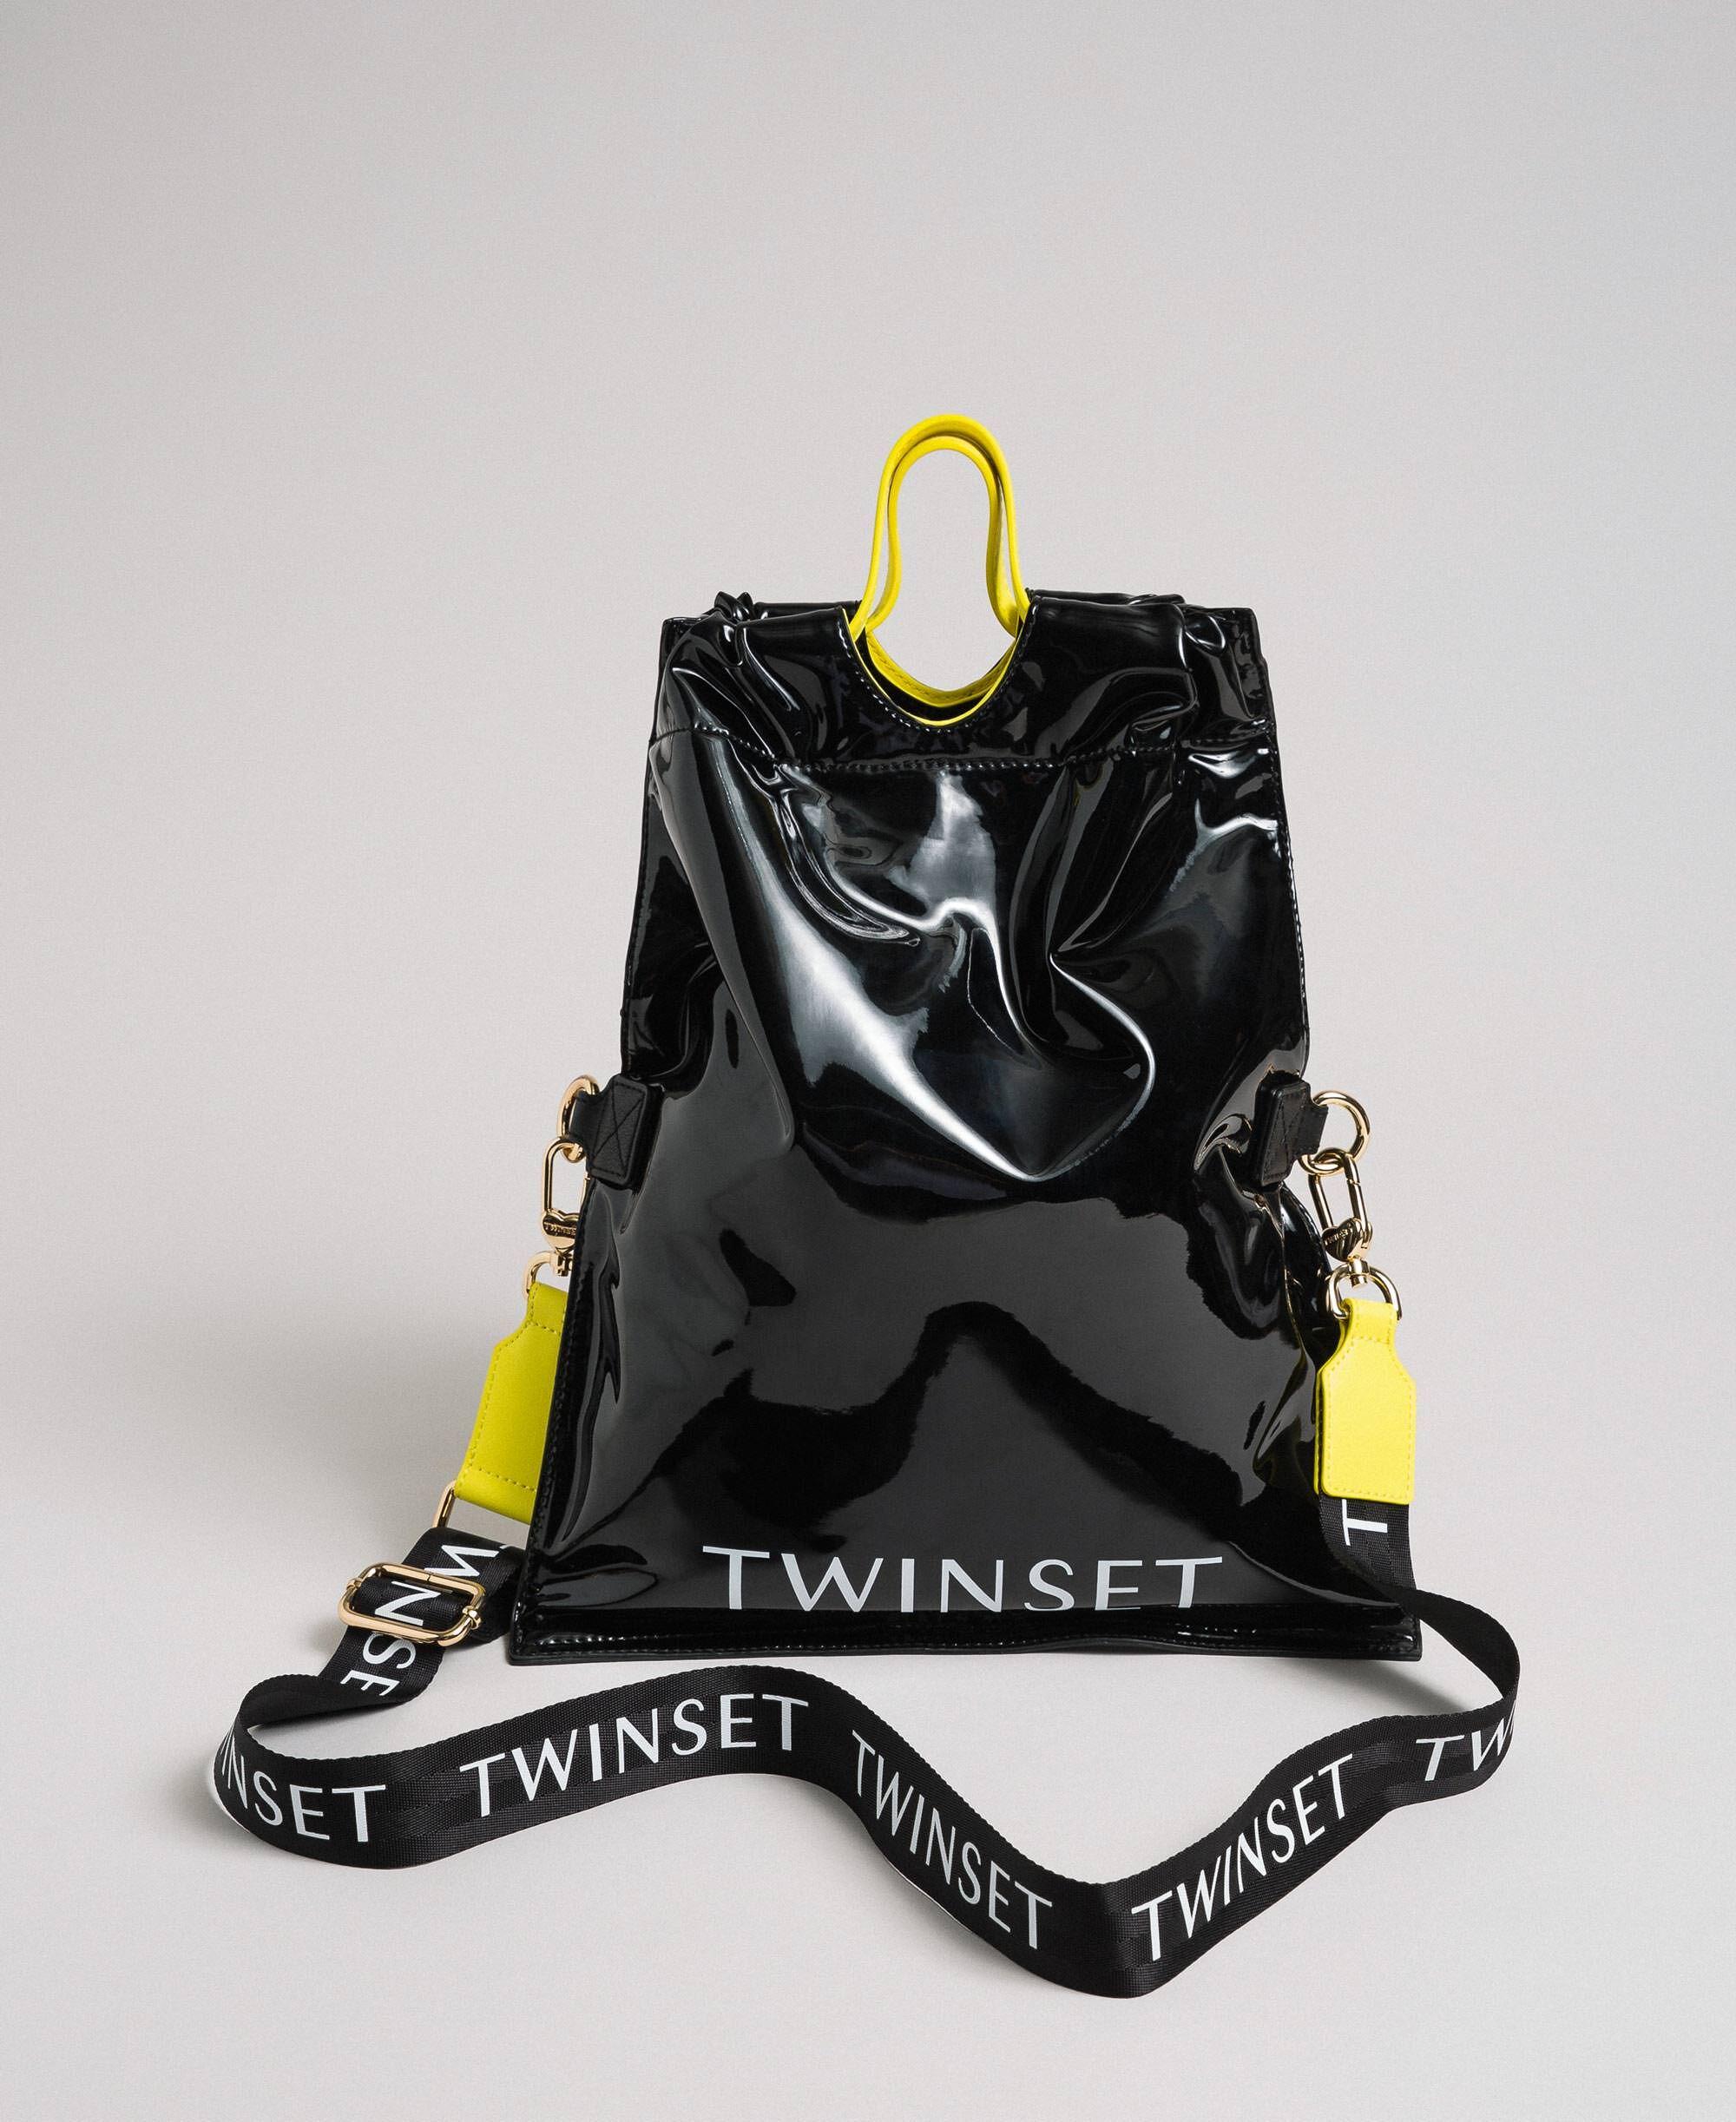 Twinset, model 192TA7174-00006-01